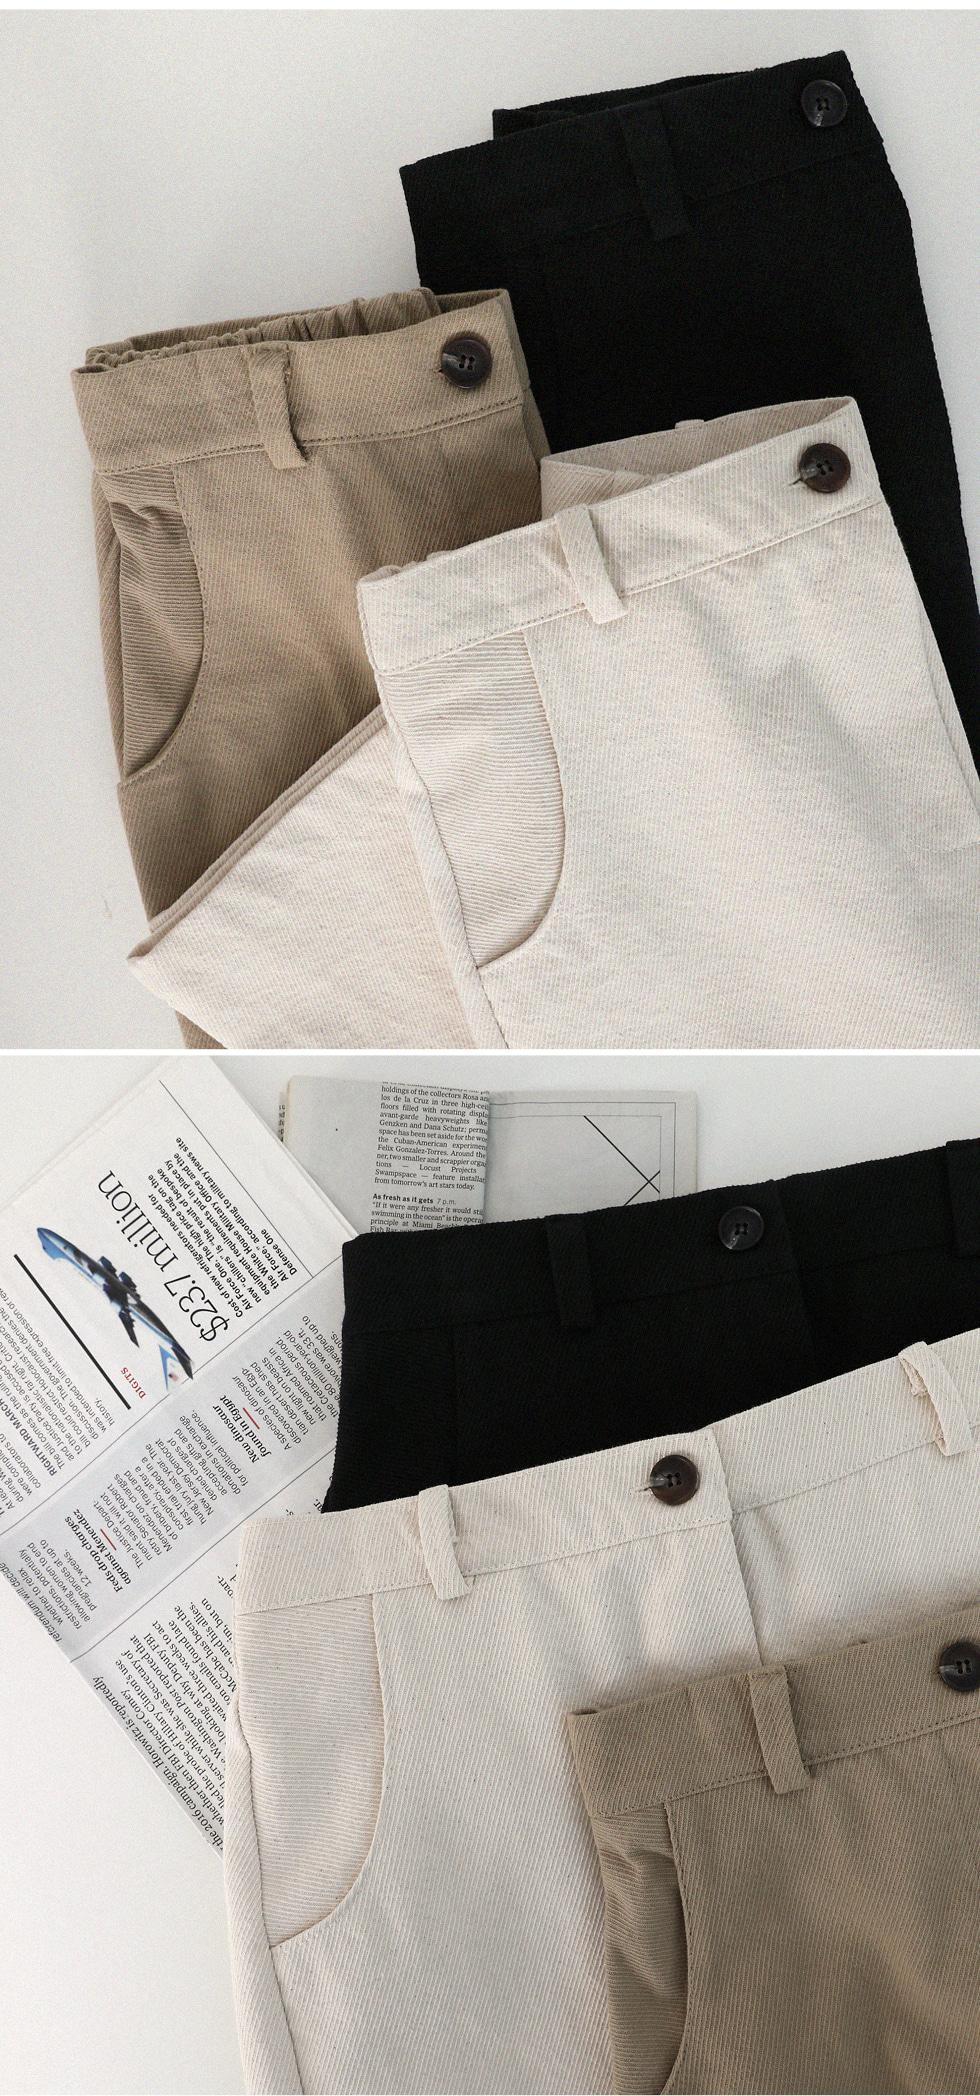 Cong-Tim Long Skirt